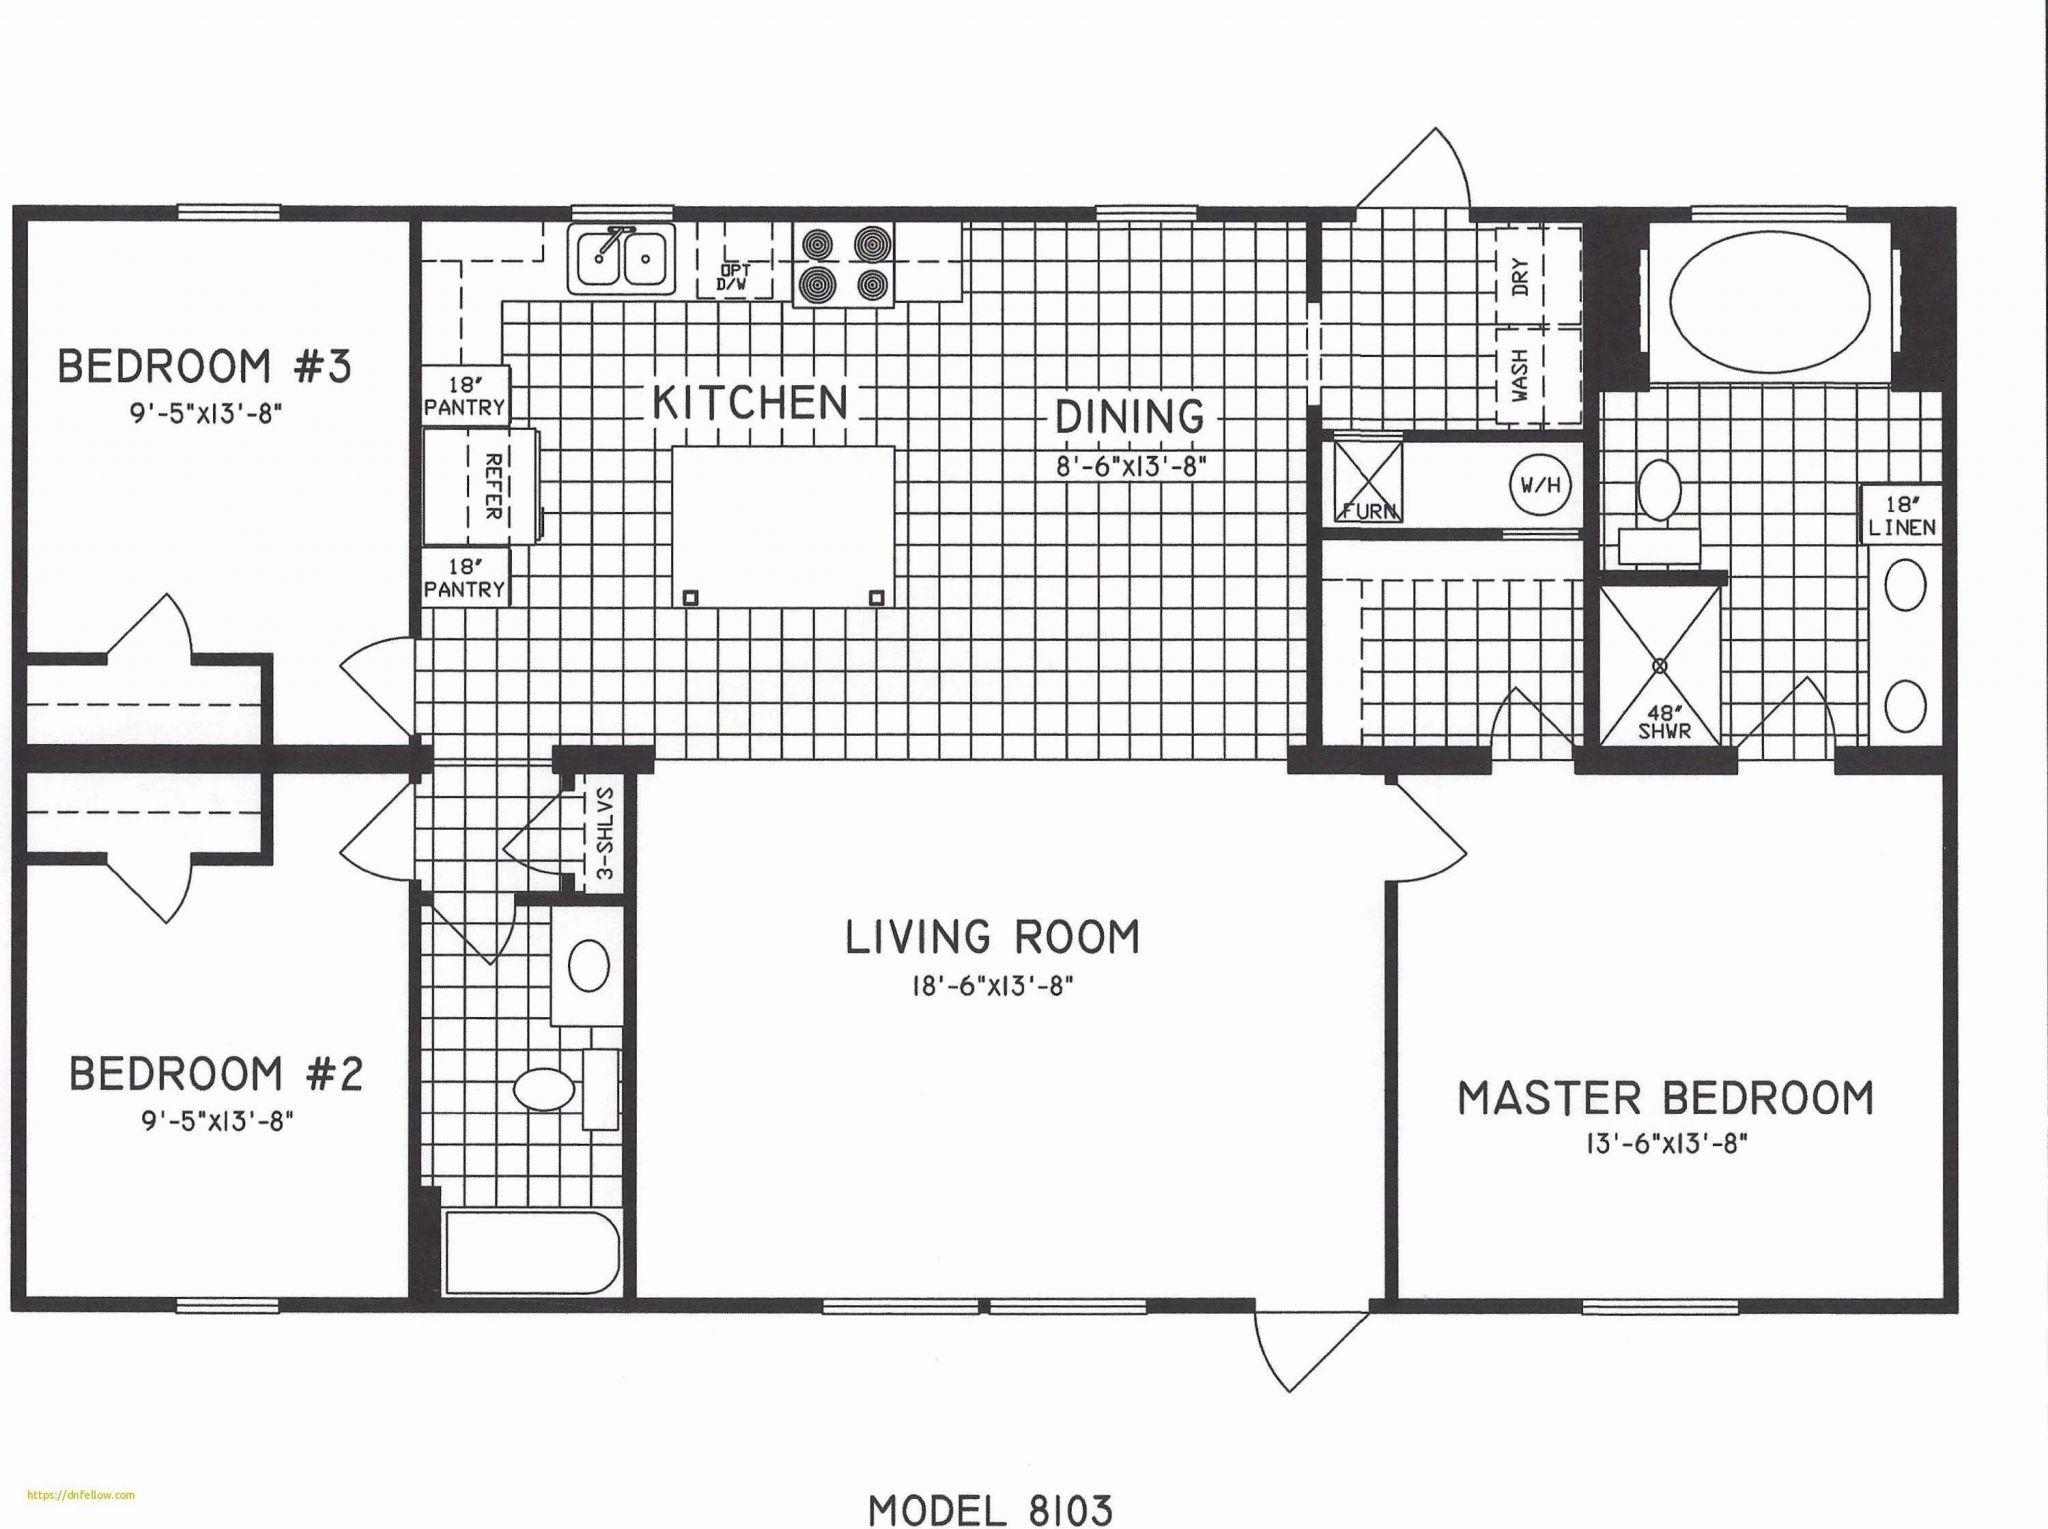 JW Marriott Floor Plan Mobile home floor plans, Bedroom